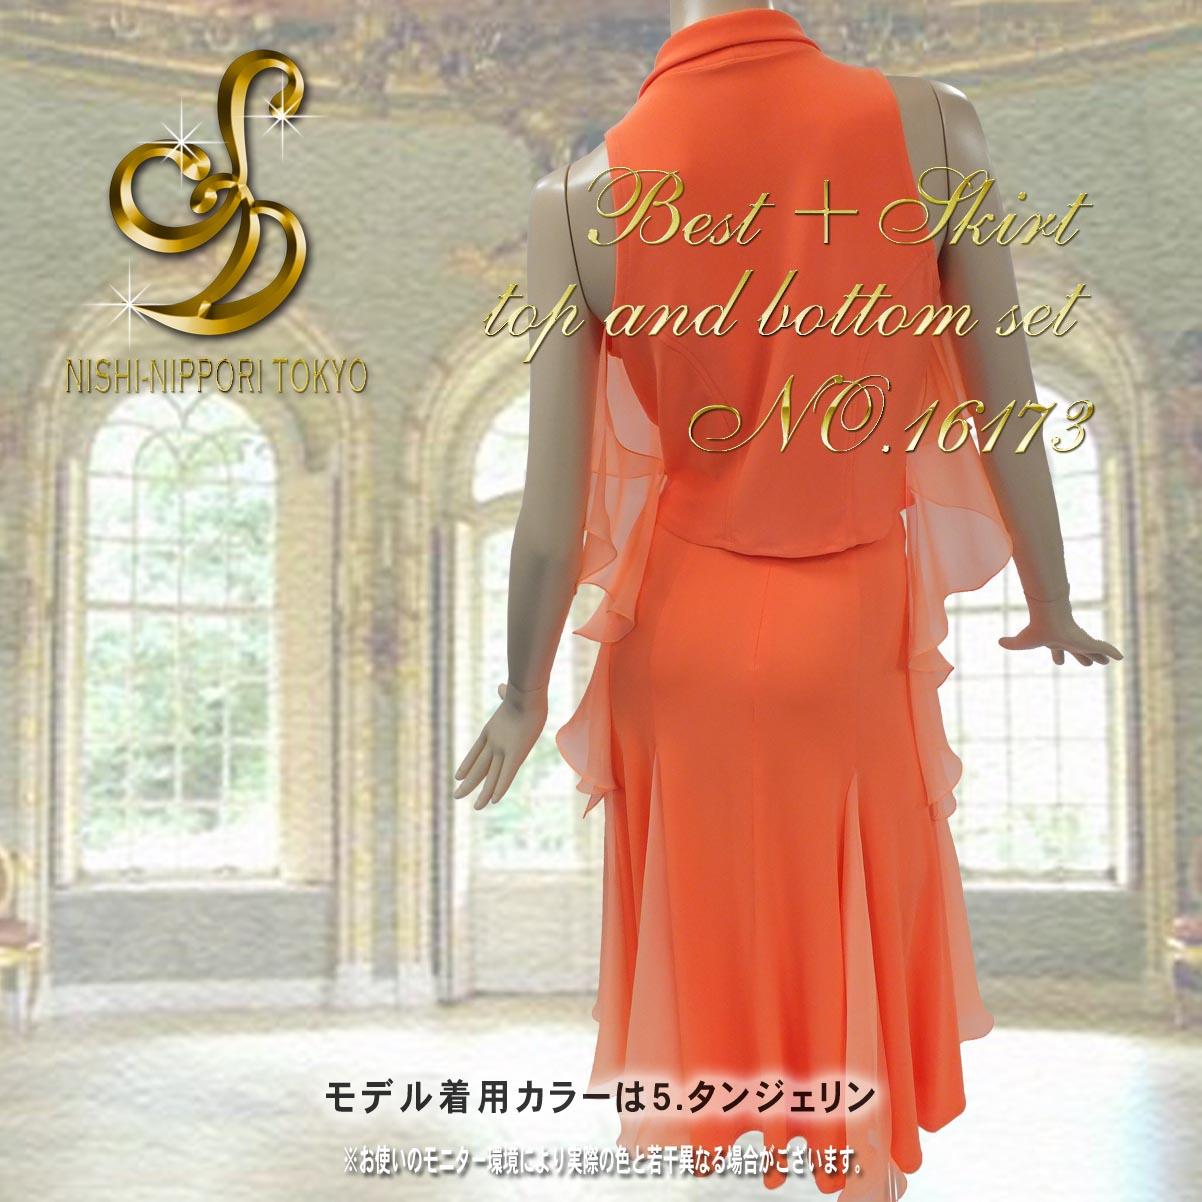 ベスト+スカート上下セット NO.16173-03